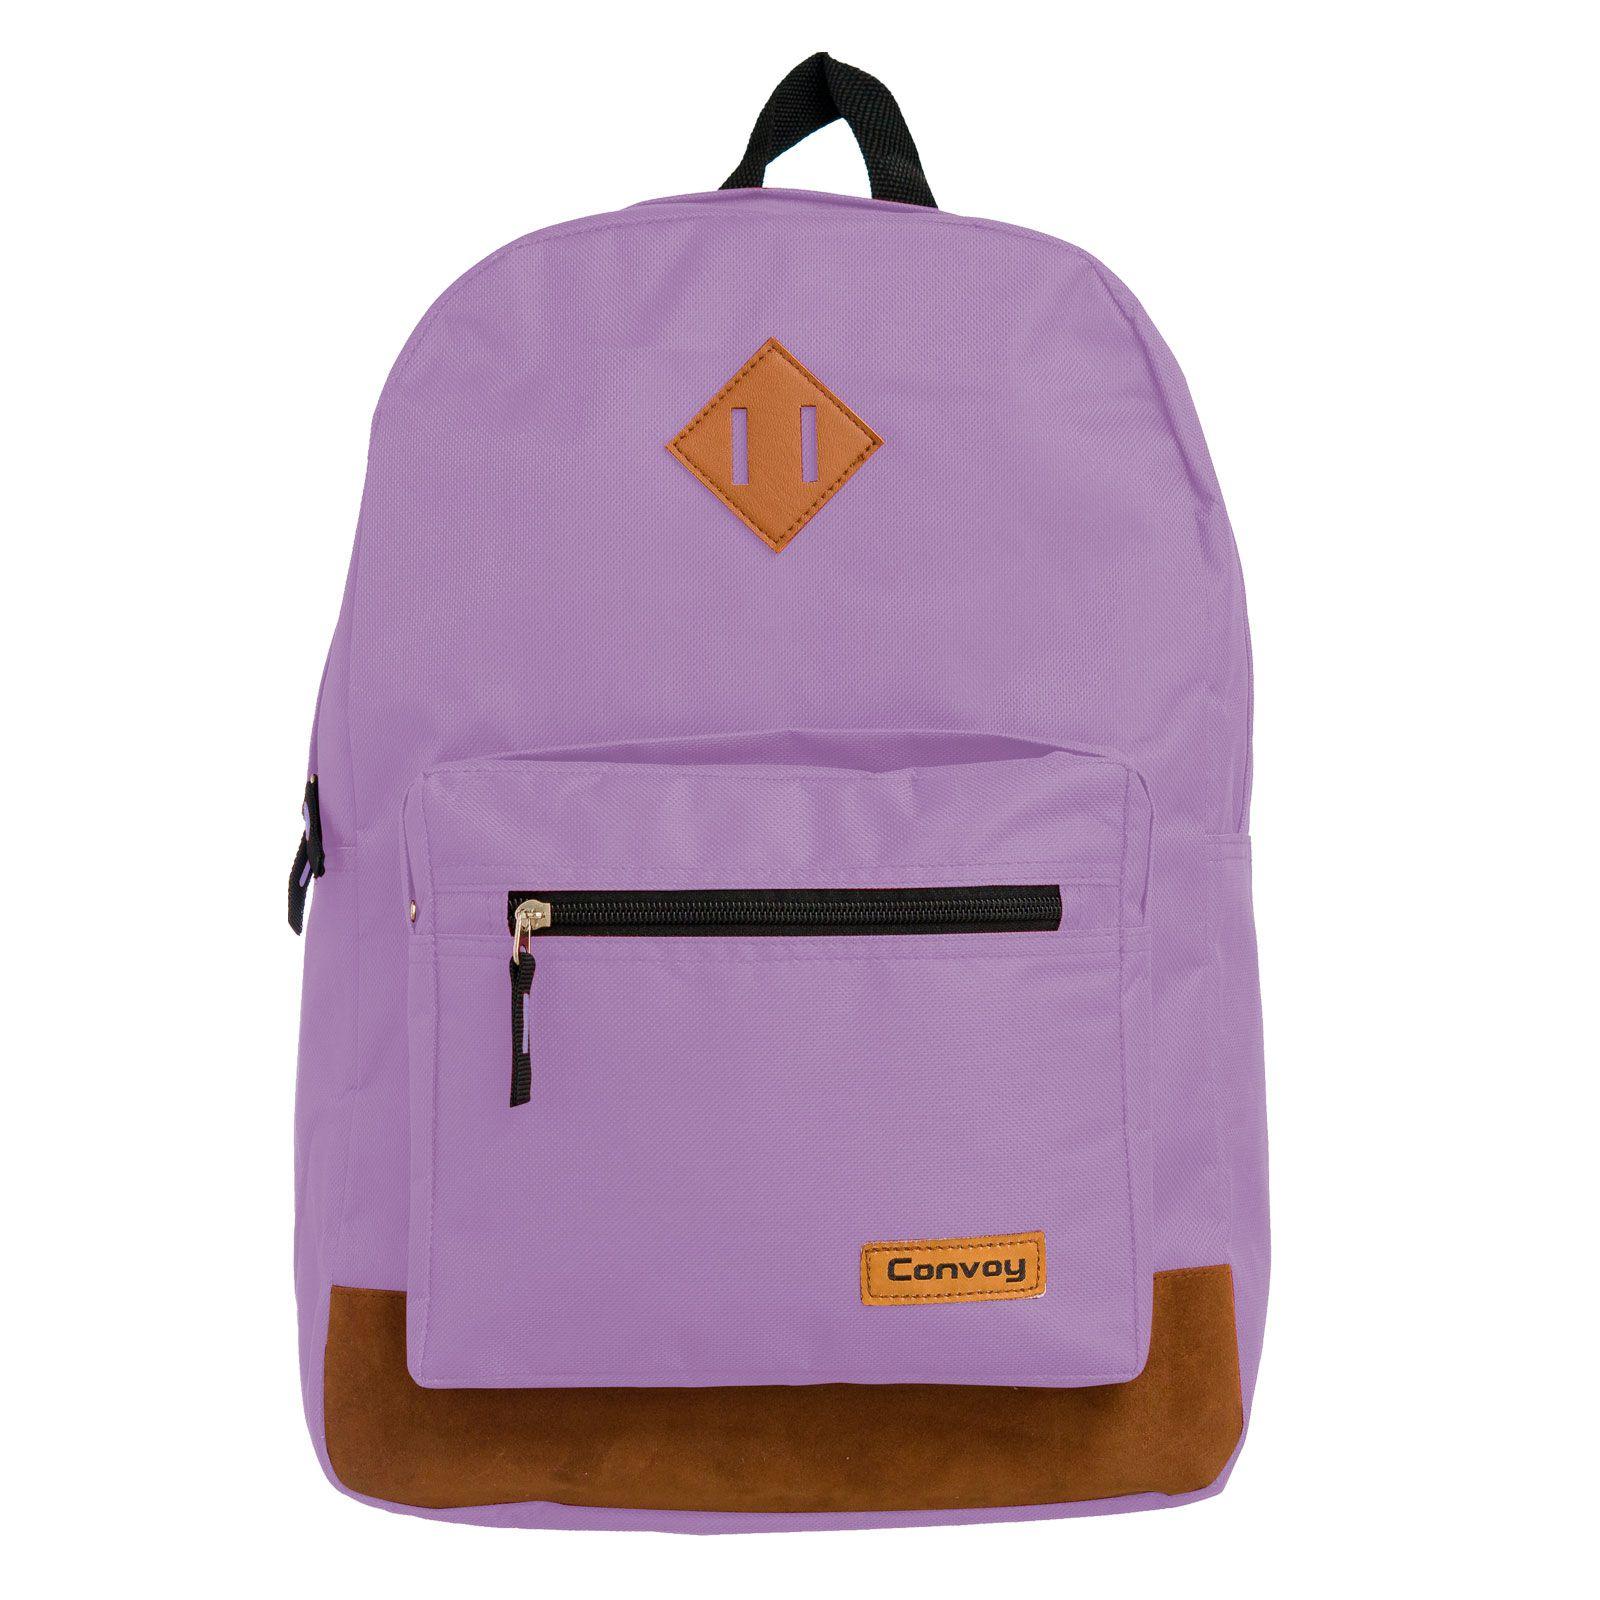 Mochila notebook lilás pastel YS29117 Convoy